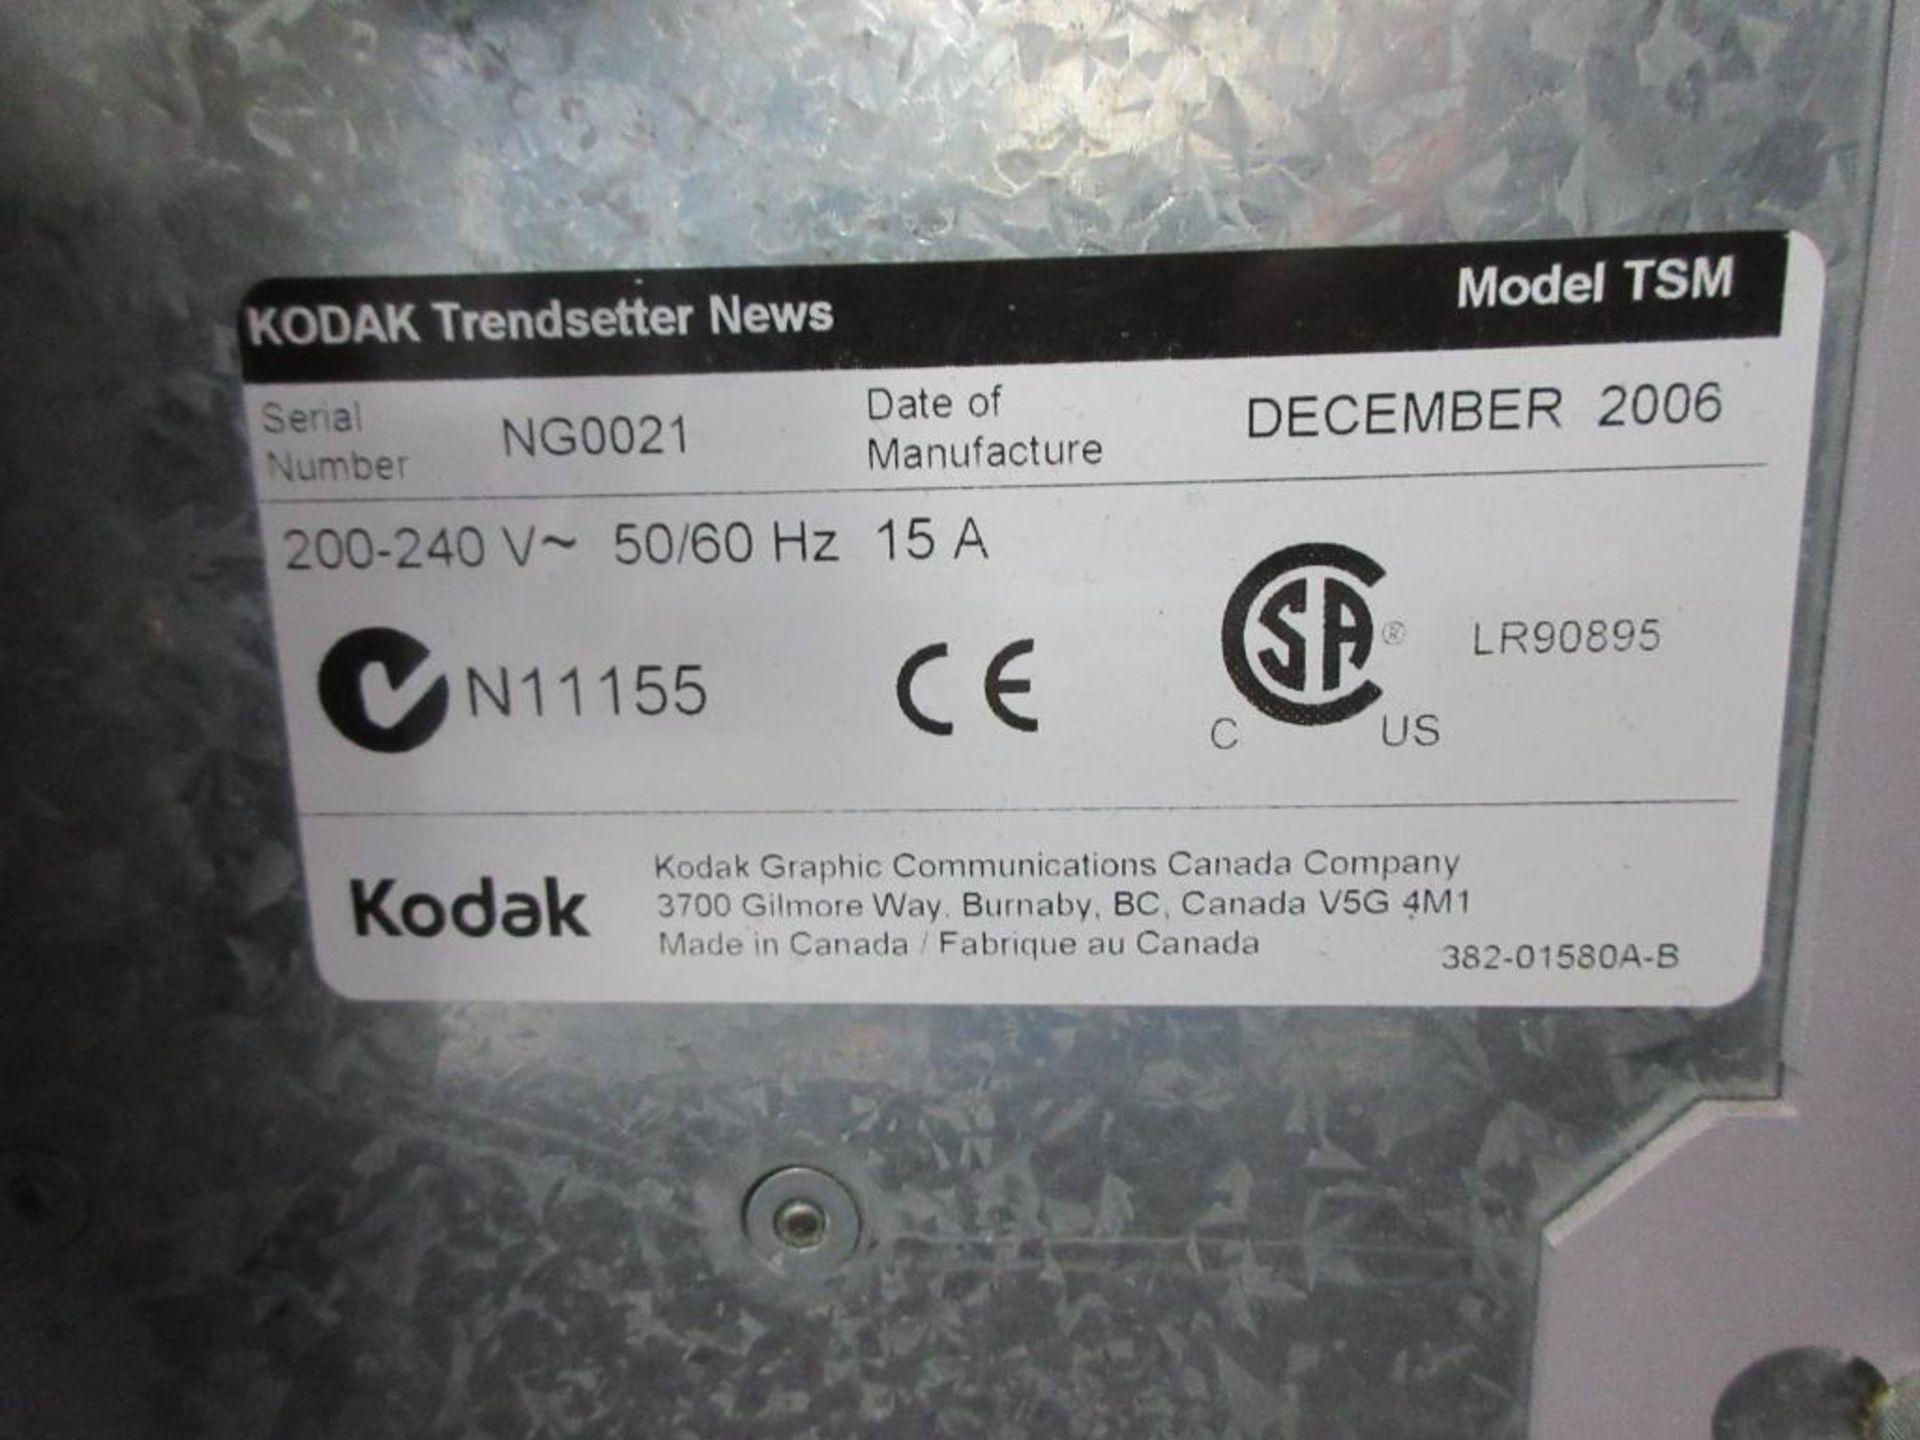 """2006 Kodak Trendsetter News plate setter, model TSM, square spot, 29"""" x 41"""" plate capacity, sn NG002 - Image 4 of 4"""